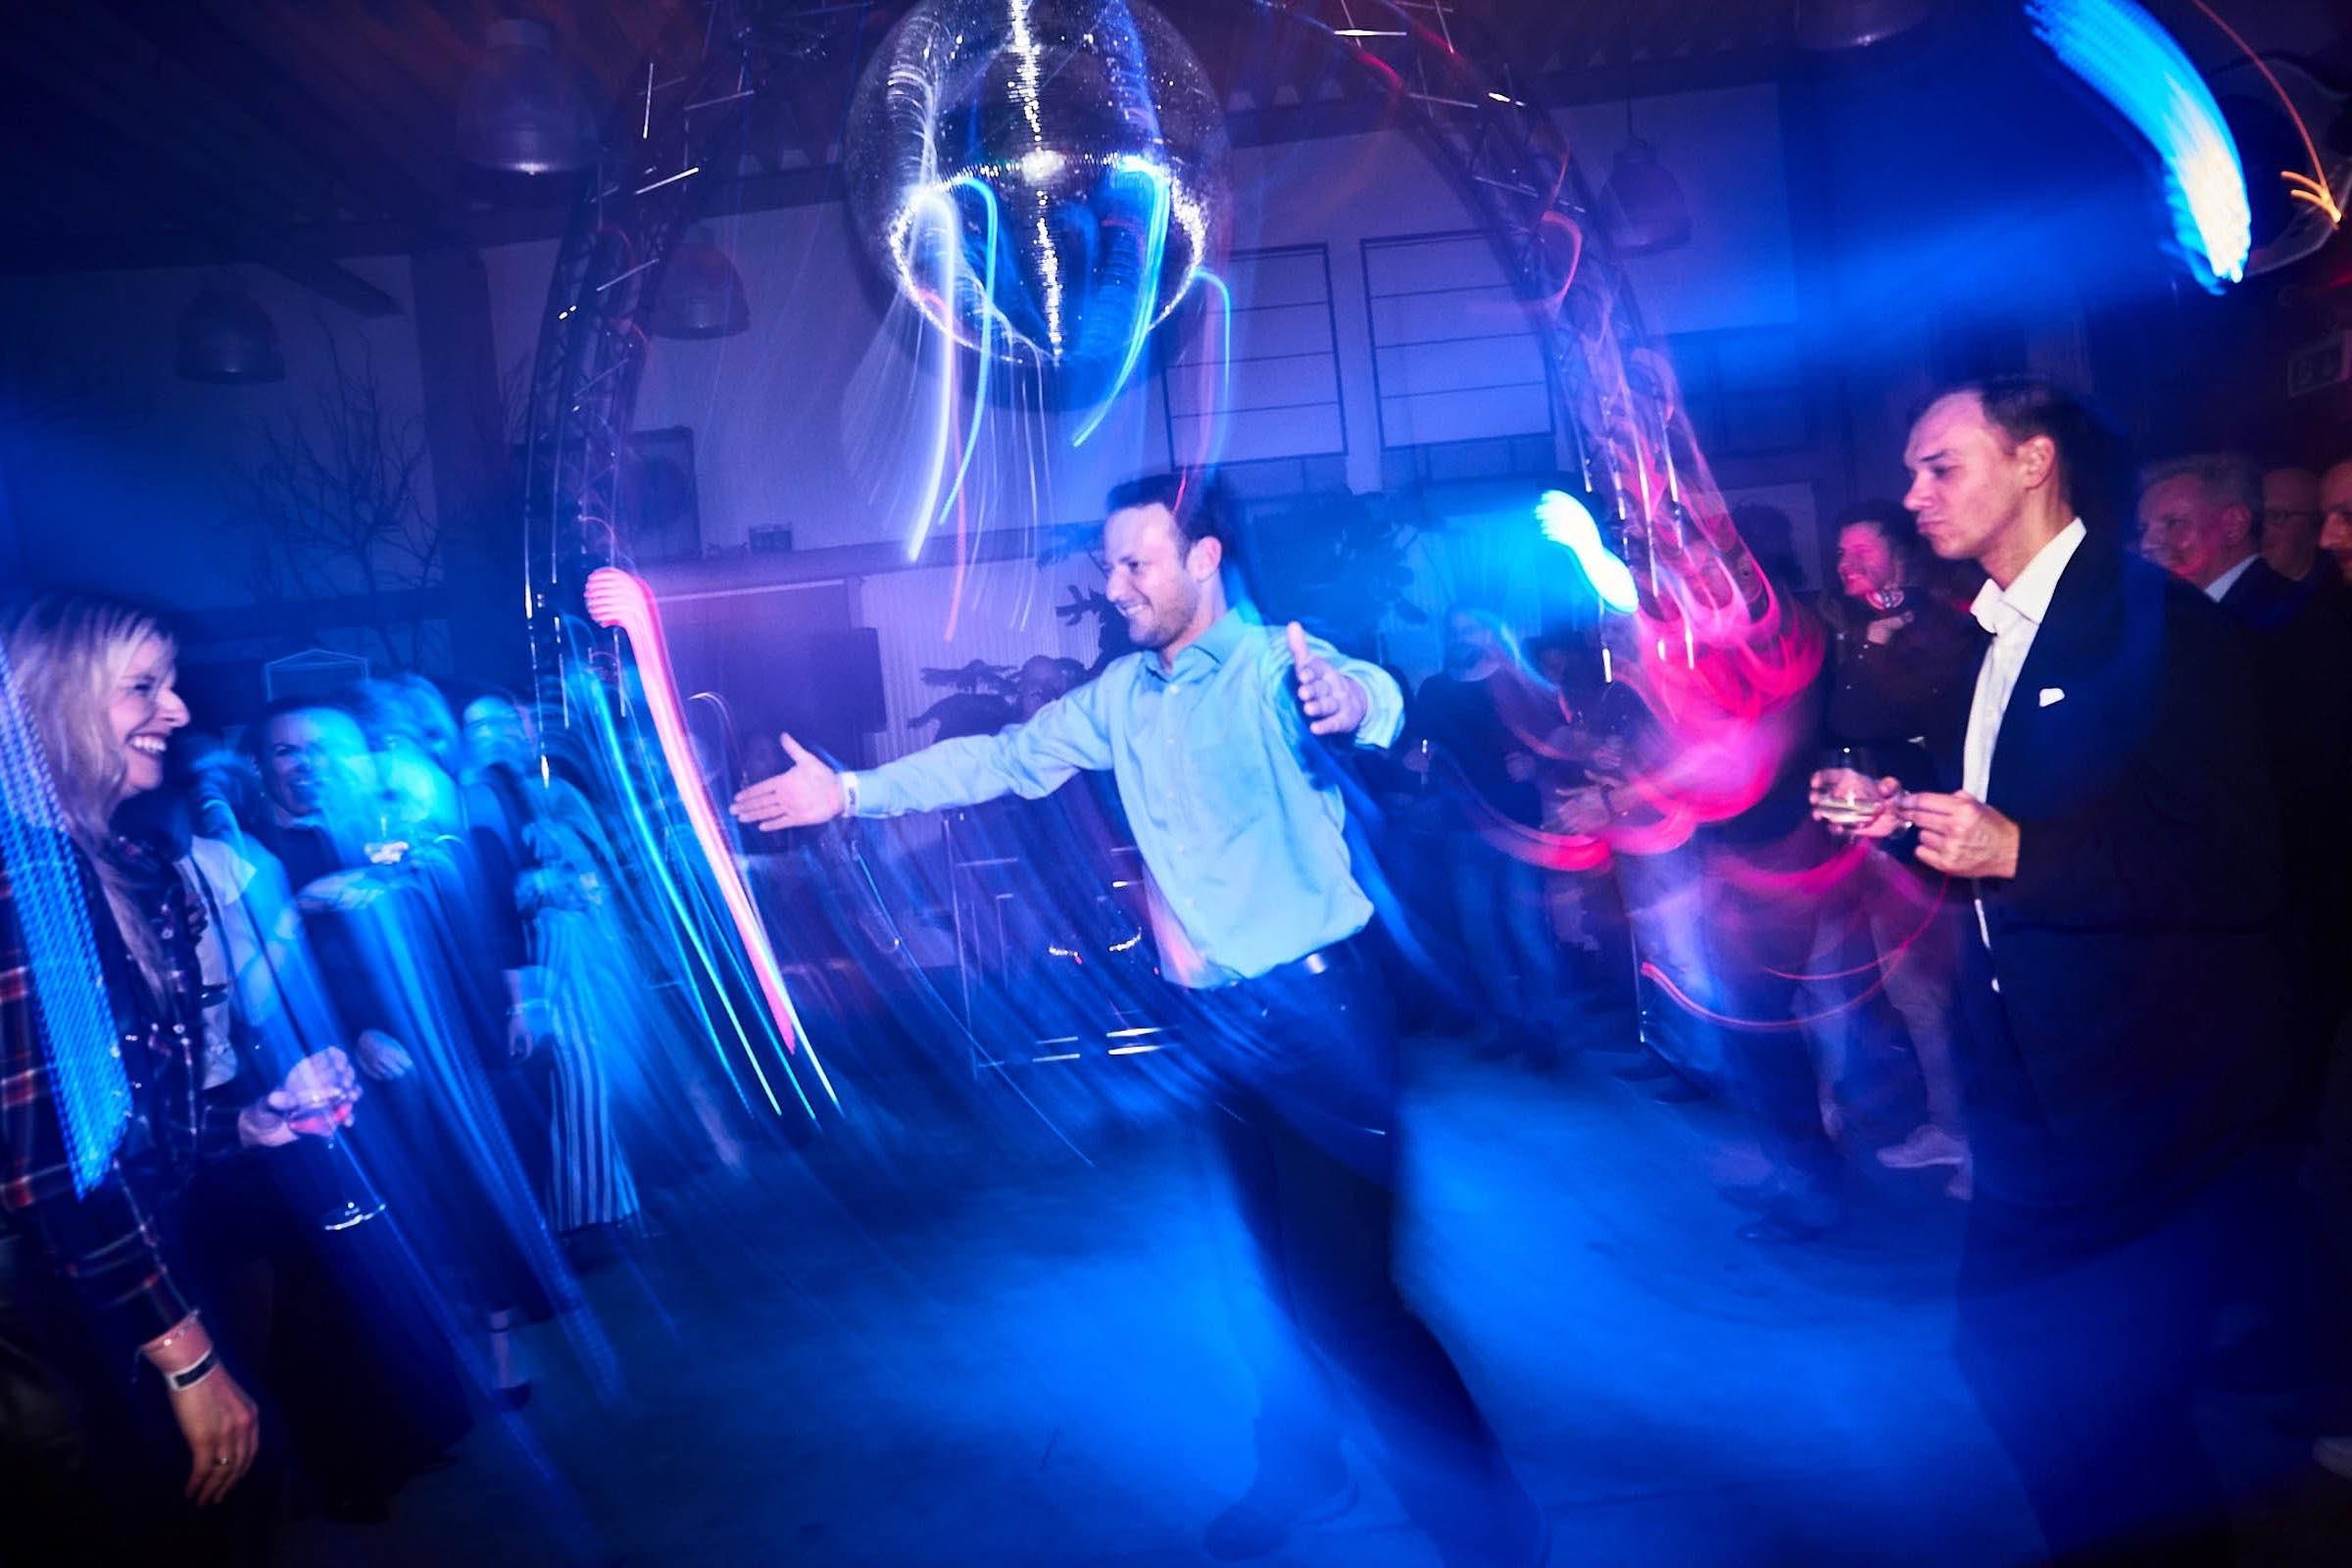 DJ | Geburtstag | DJ | Agentur | Hamburg | DJ | Messe | Hochzeits | DJ | Hamburg | DJ | Firmenevent | Firmenfeier | DJ | Hochzeit | DJ | Weihnachtsfeier | DJ | Sommerfest | Buchen | Anfragen | Hamburgfeiert